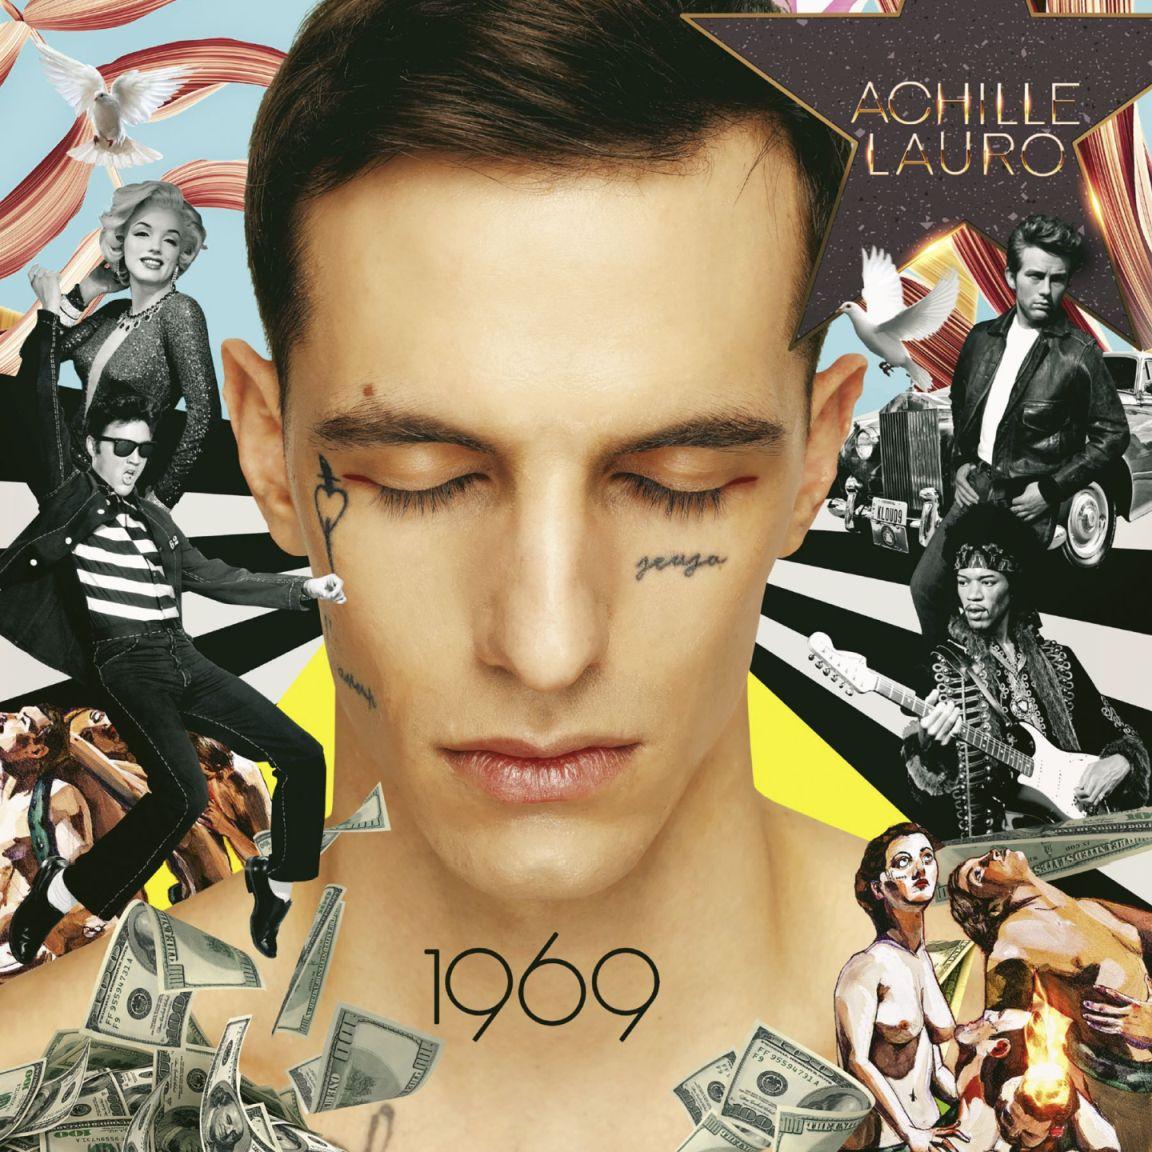 ACHILLE LAURO_Cover 1969_b